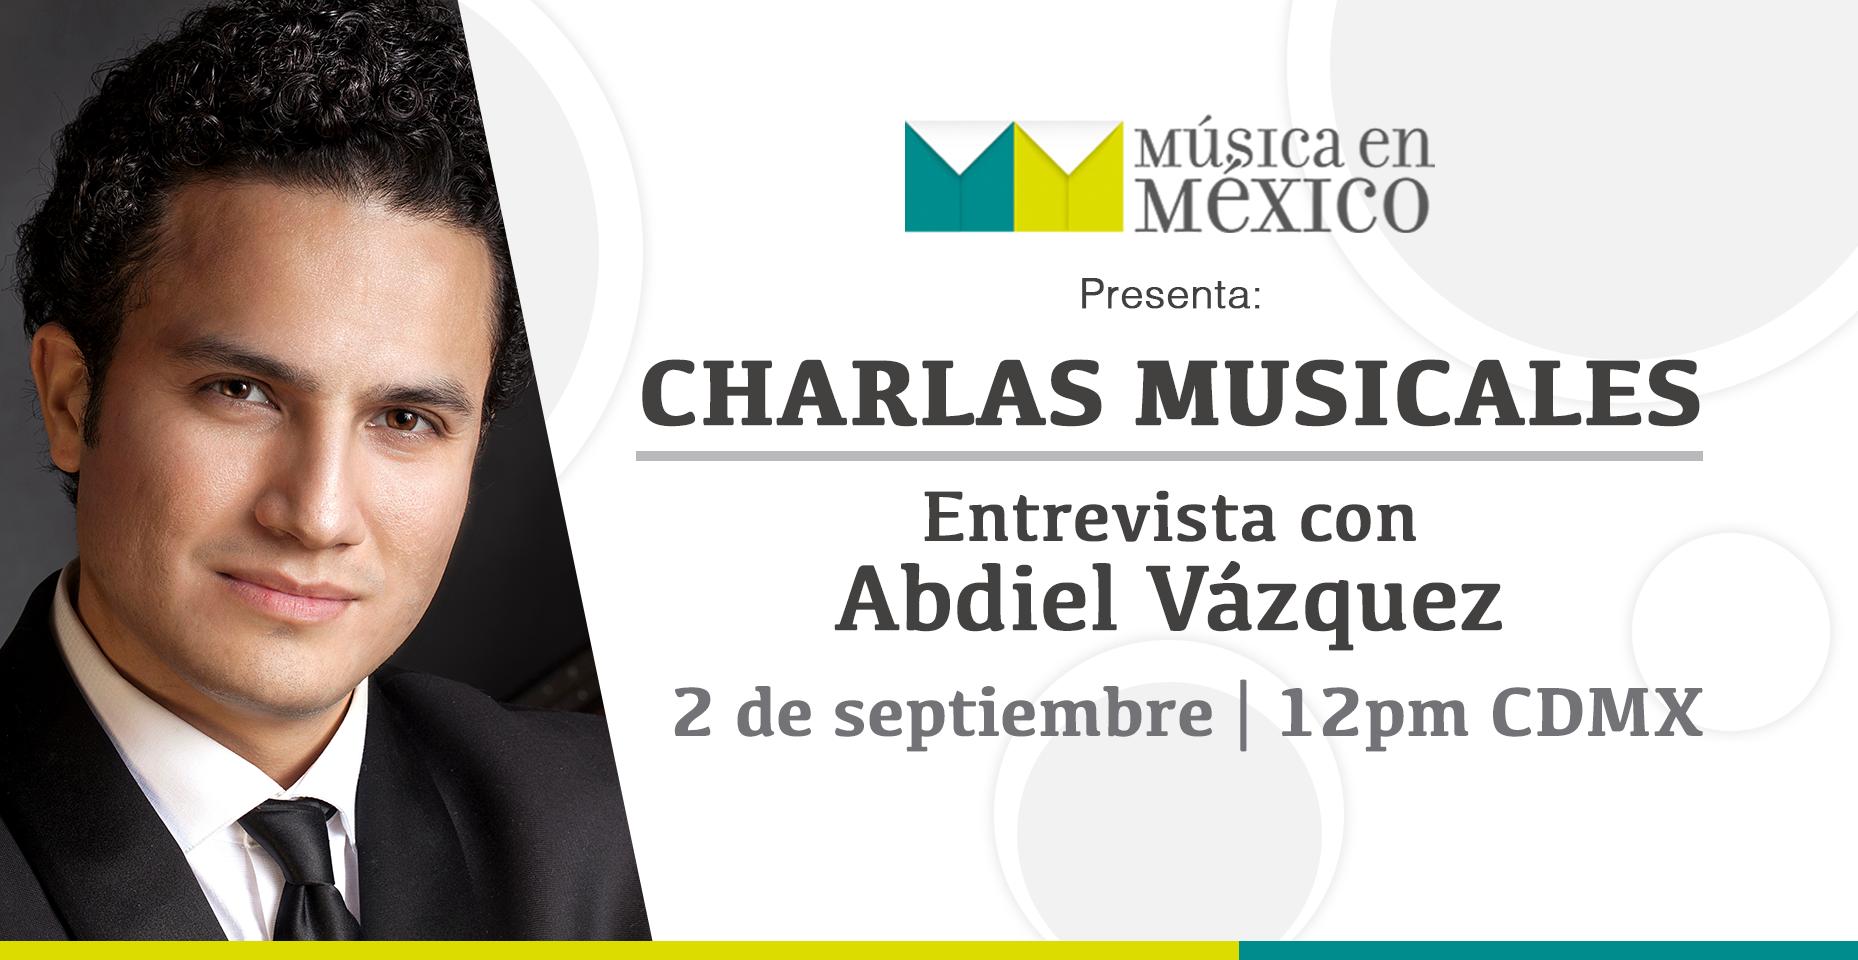 Abdiel Vazquez